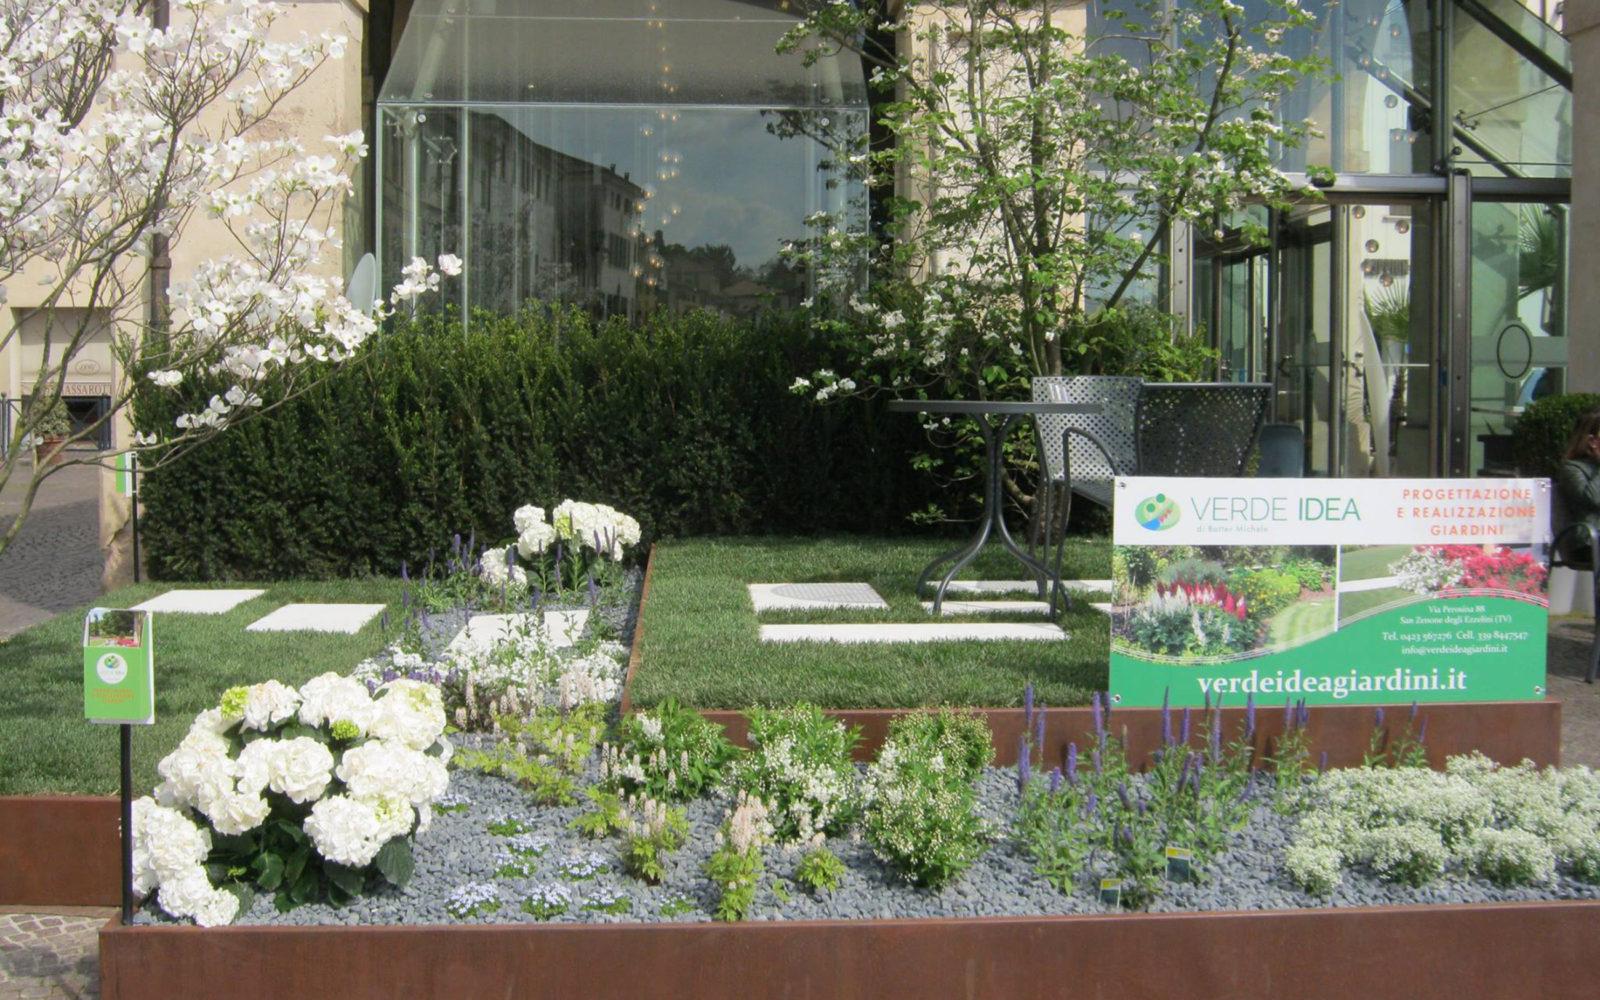 allestimento giardino Verde Idea a Castelfranco Veneto 2016 - 1